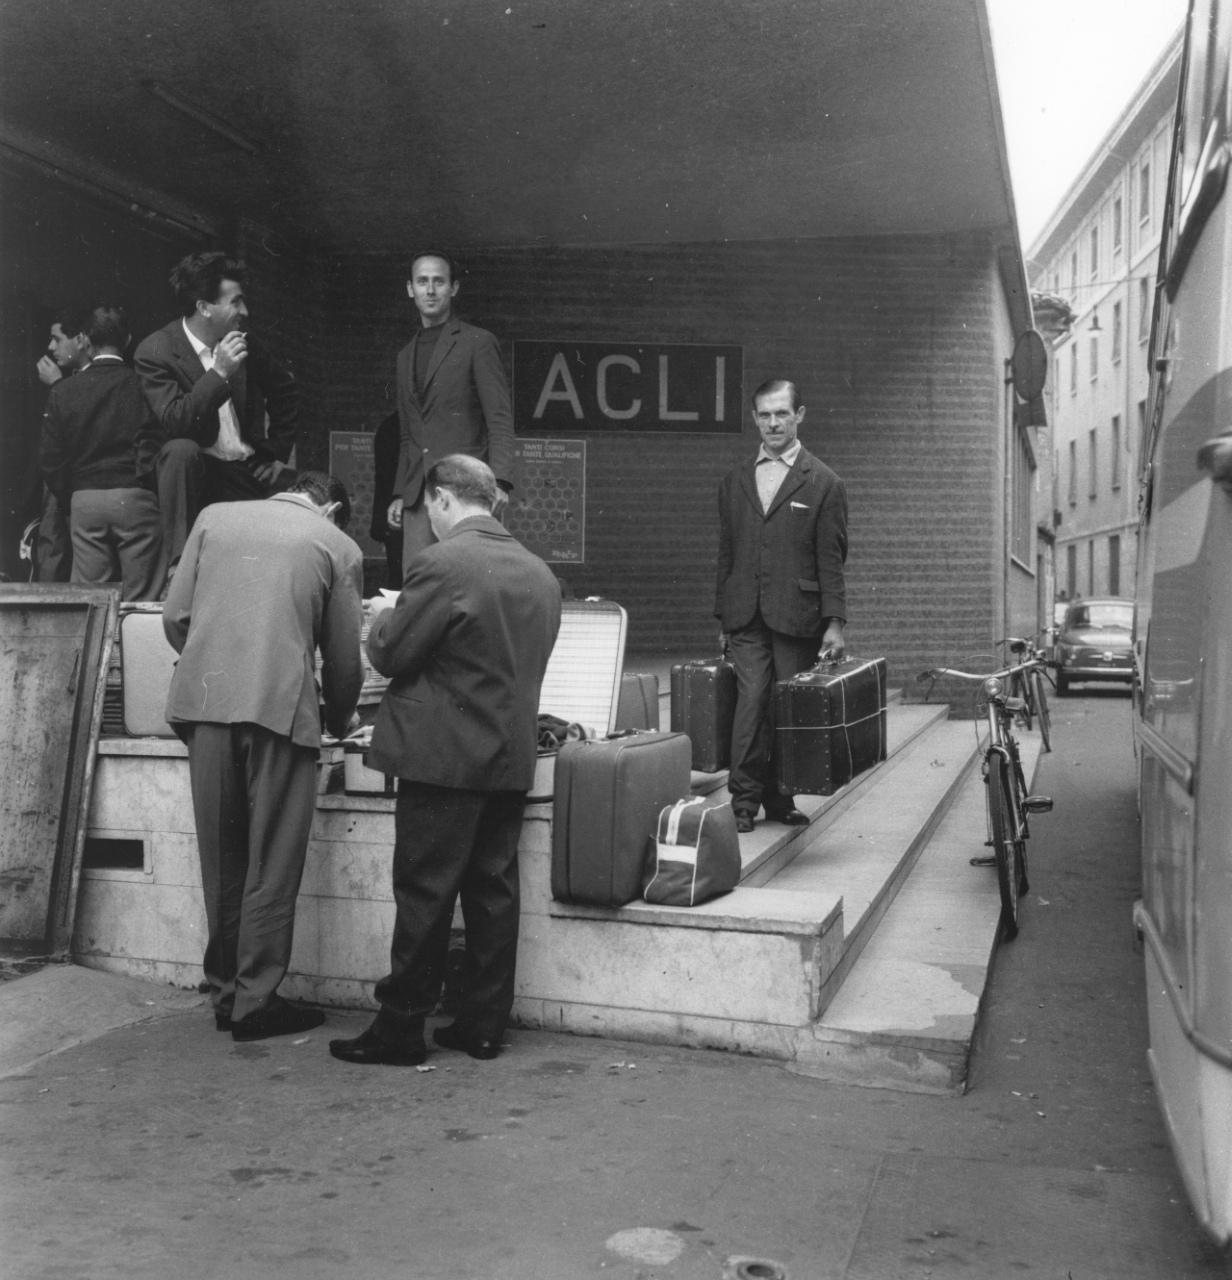 Gruppo di immigrati, 1965